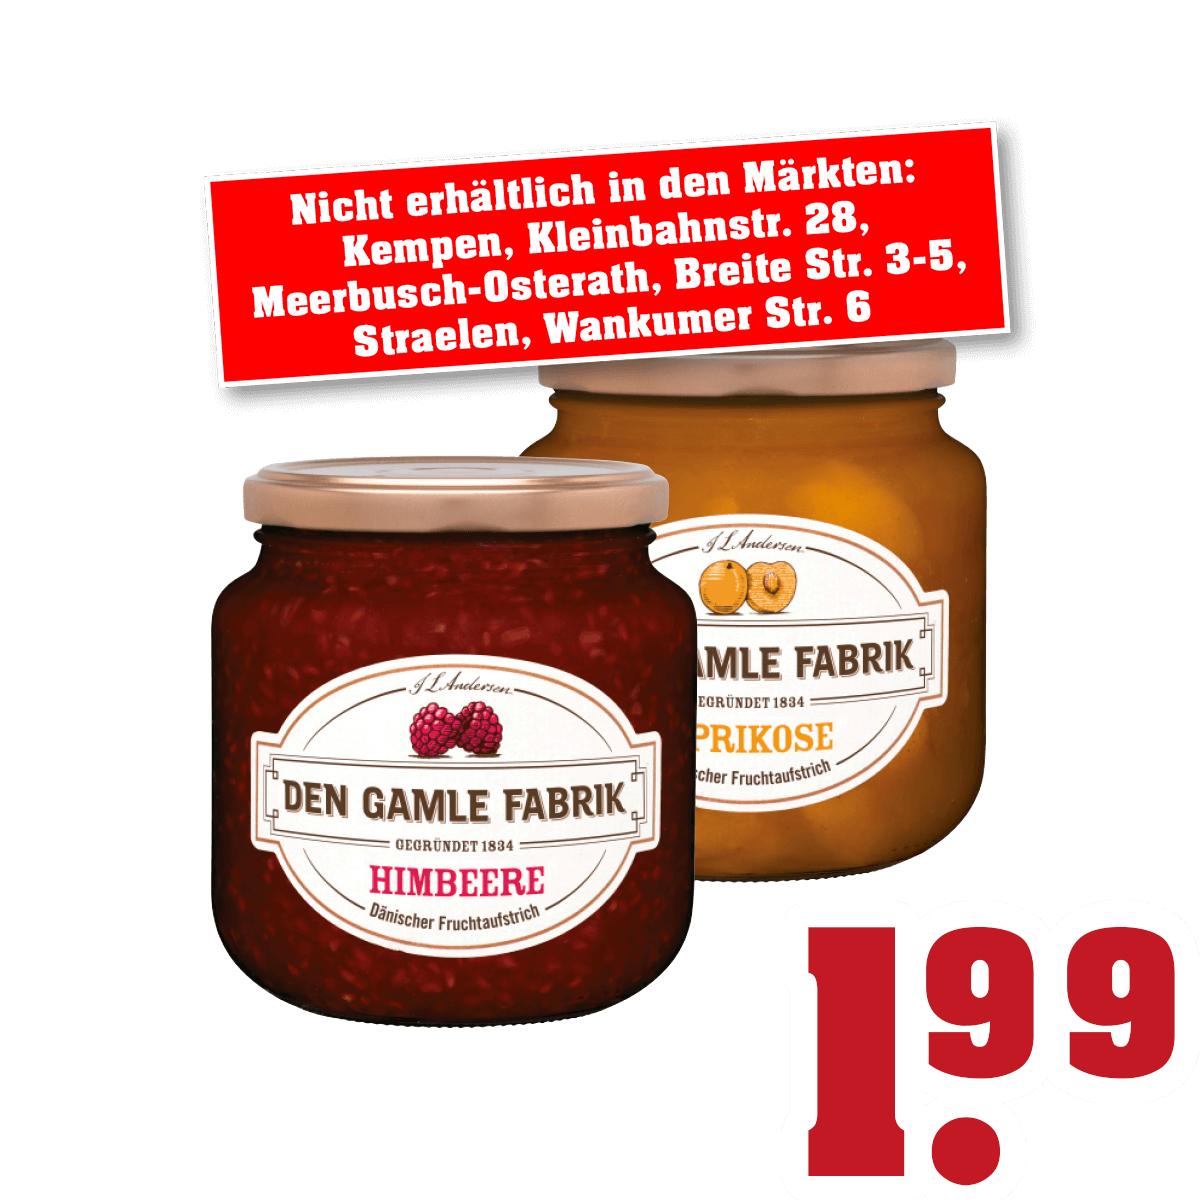 Den Gamle 600g für 1,99 € bei Trinkgut bis zum 11.11.17